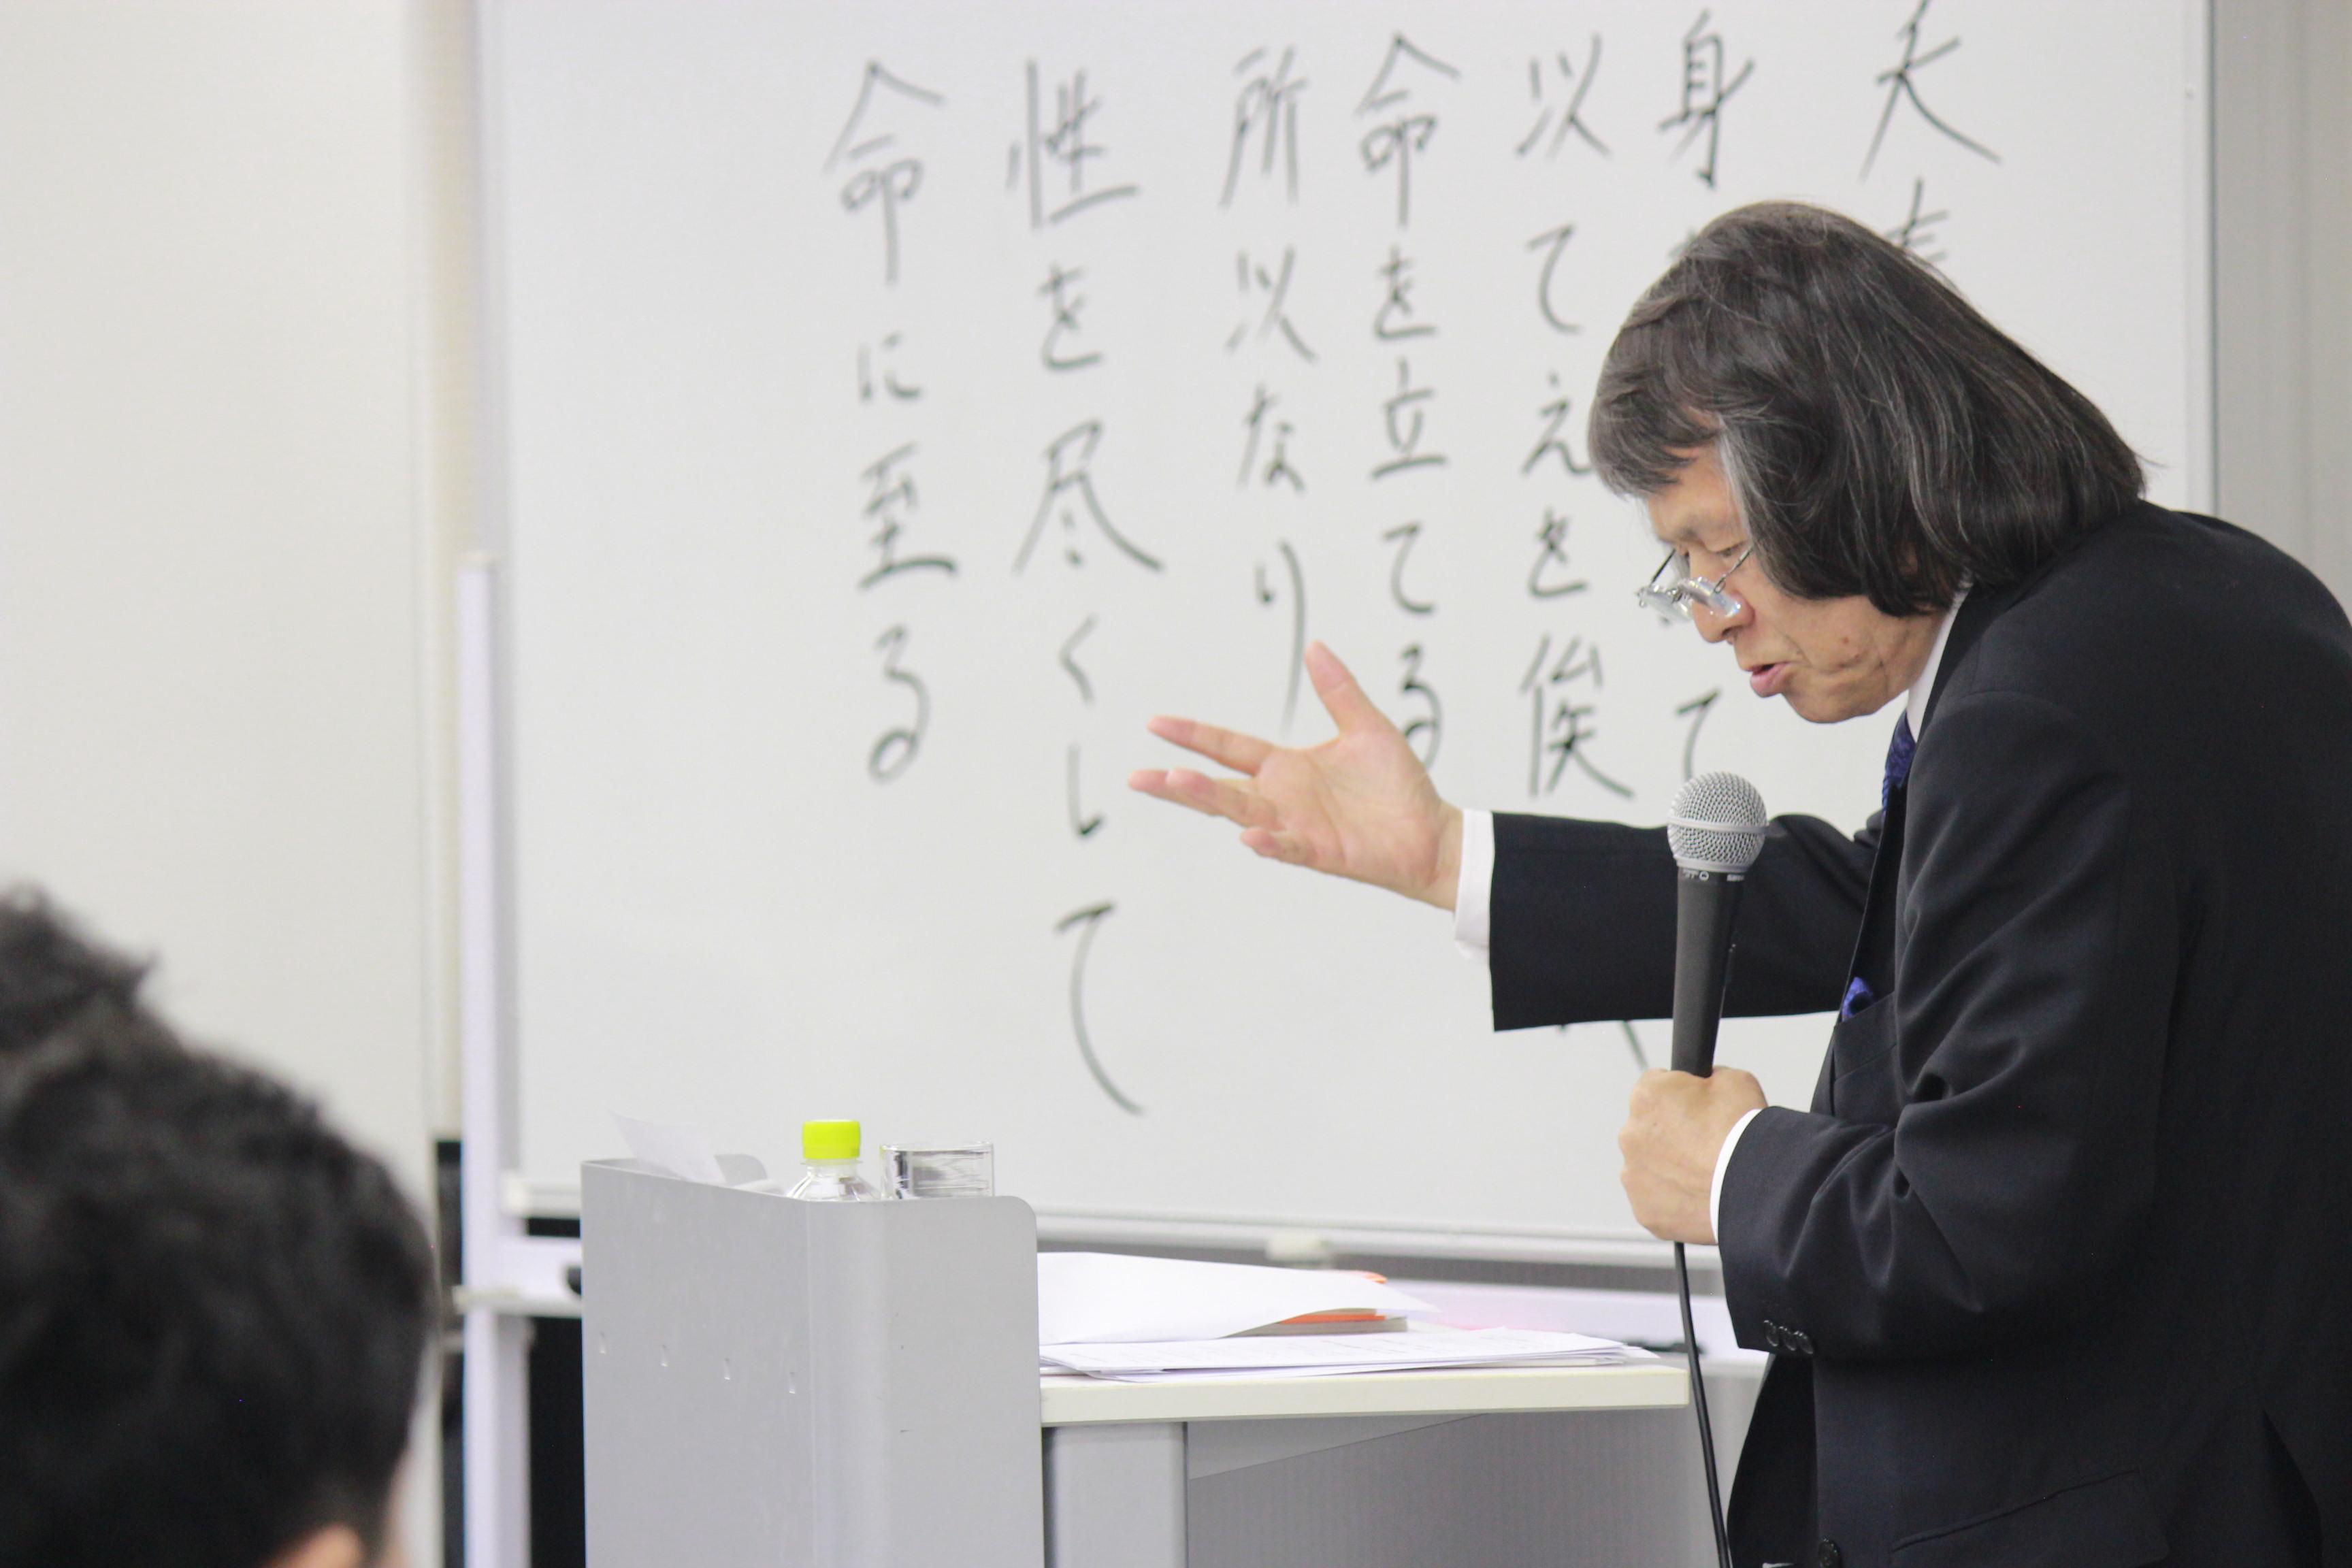 IMG 7845 - 関東若獅子の会、記念すべき第100回